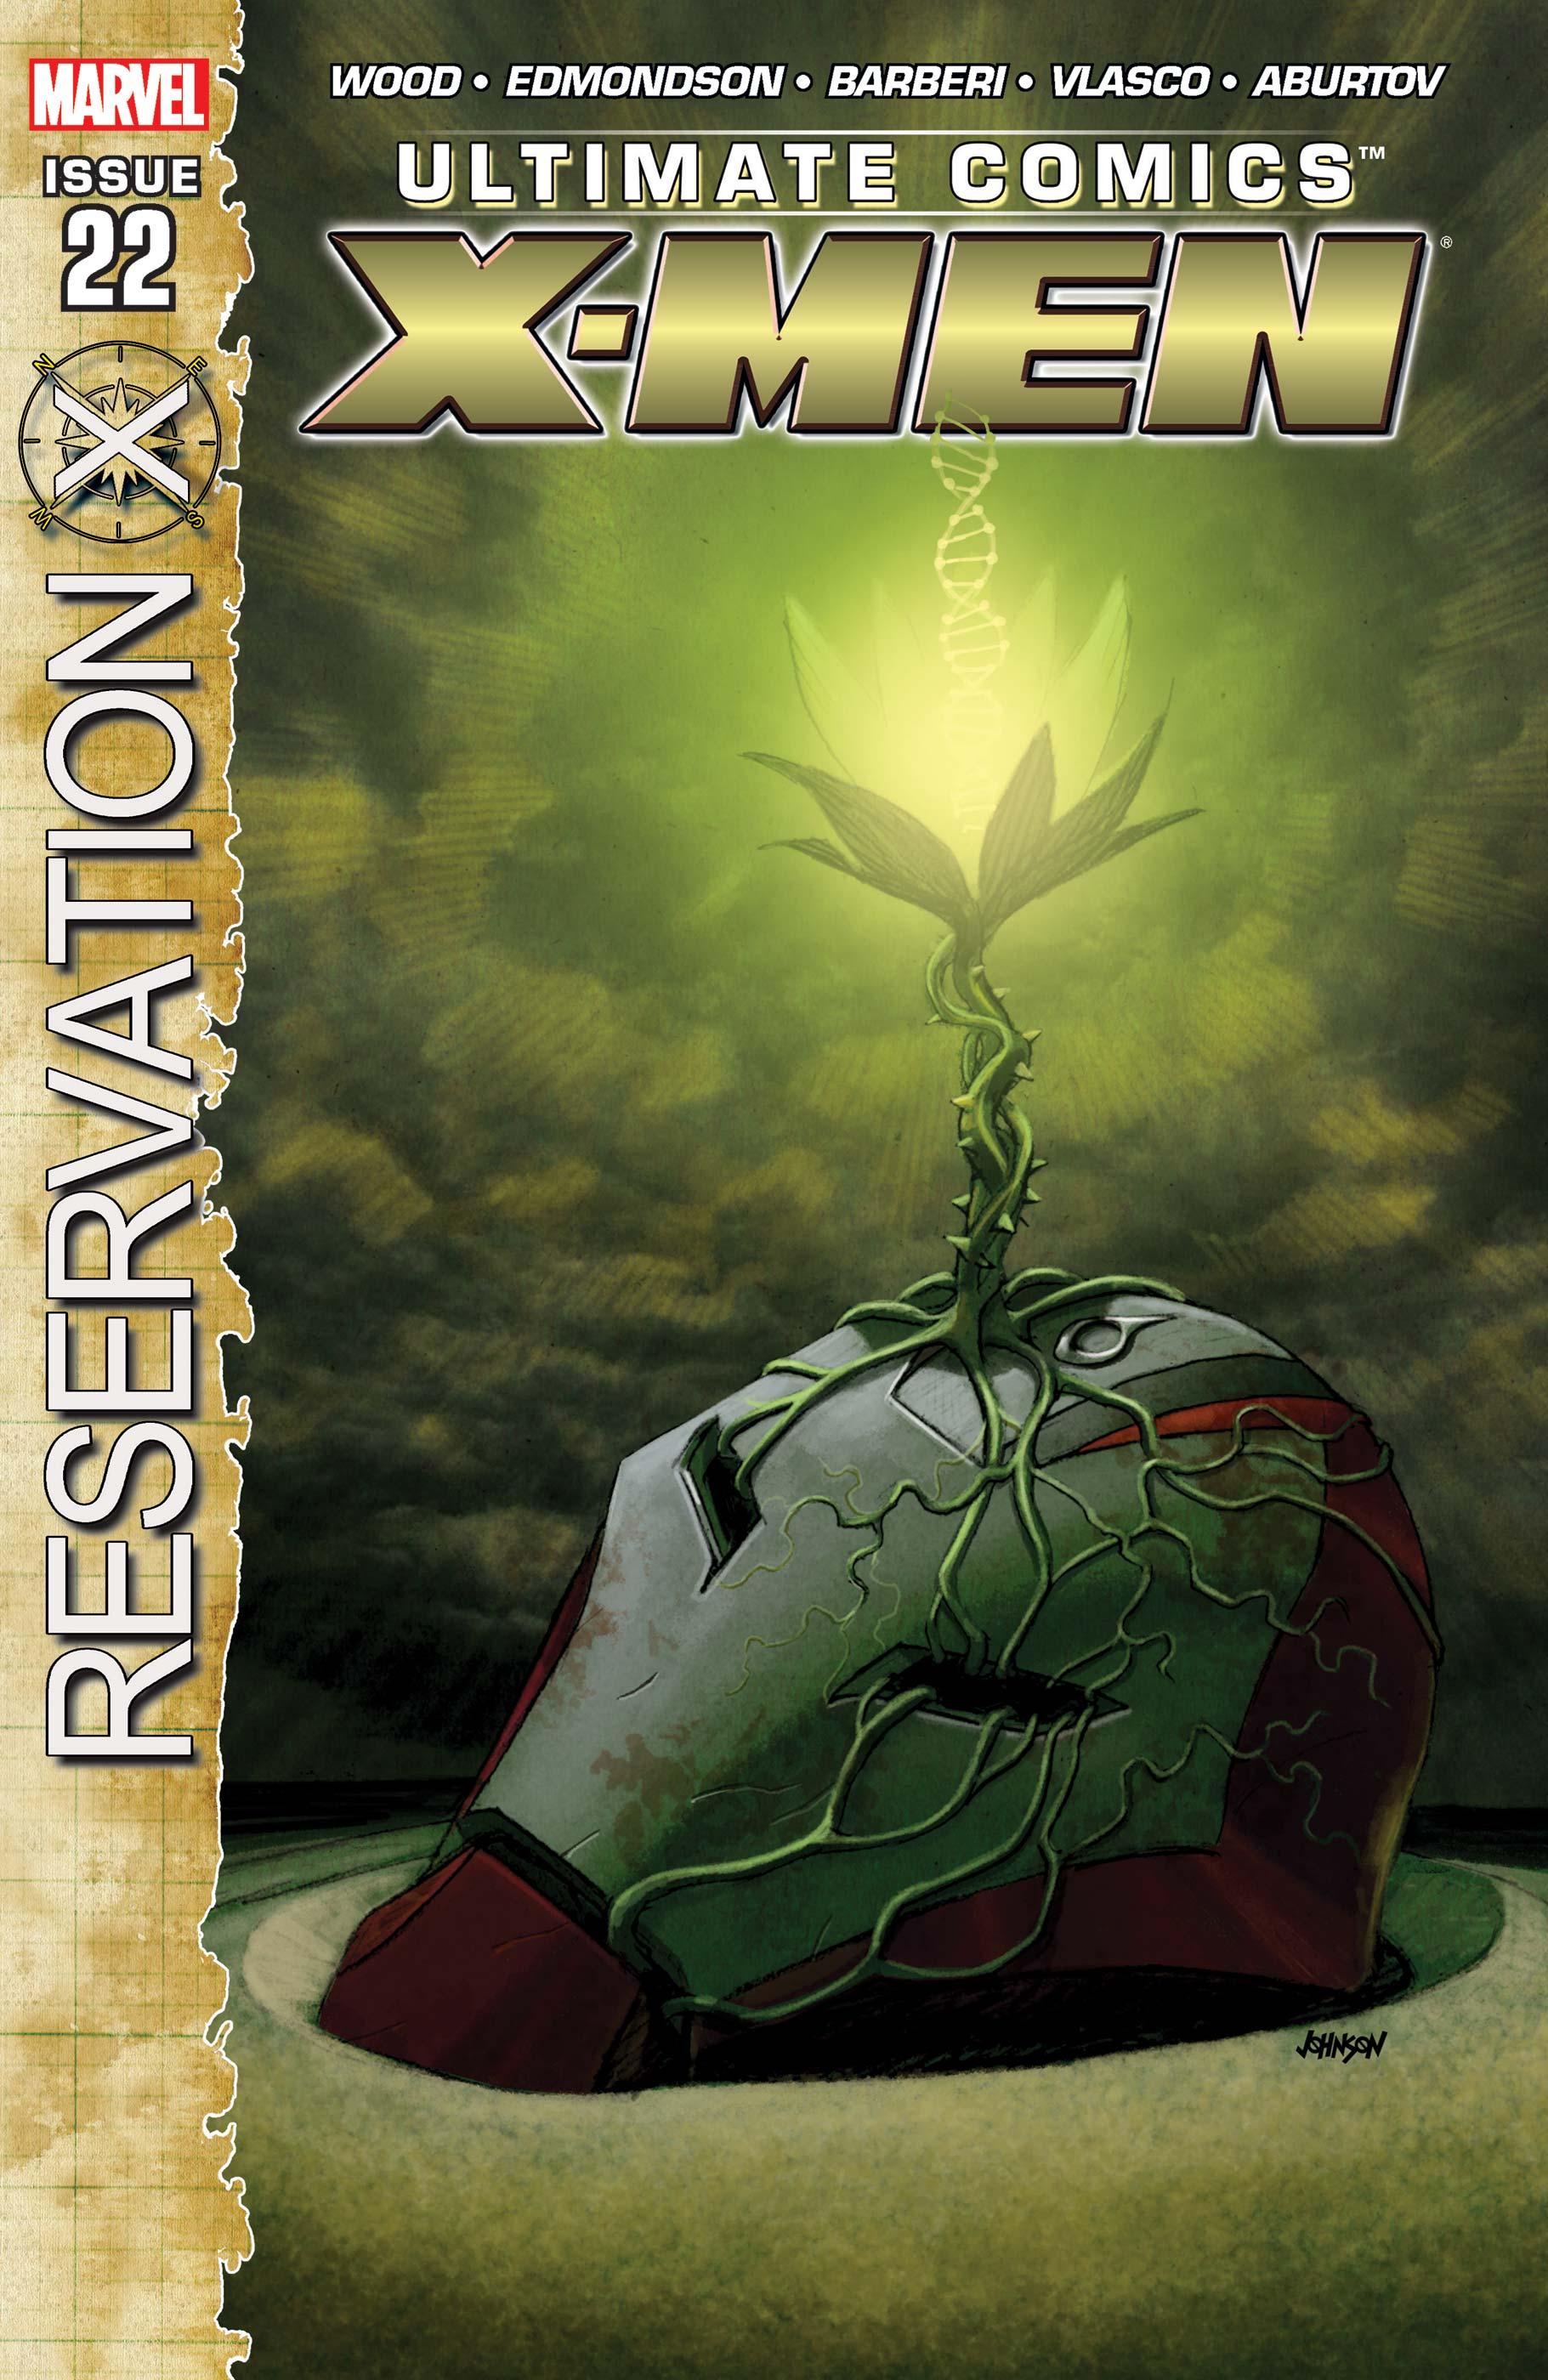 Ultimate Comics X-Men (2010) #22